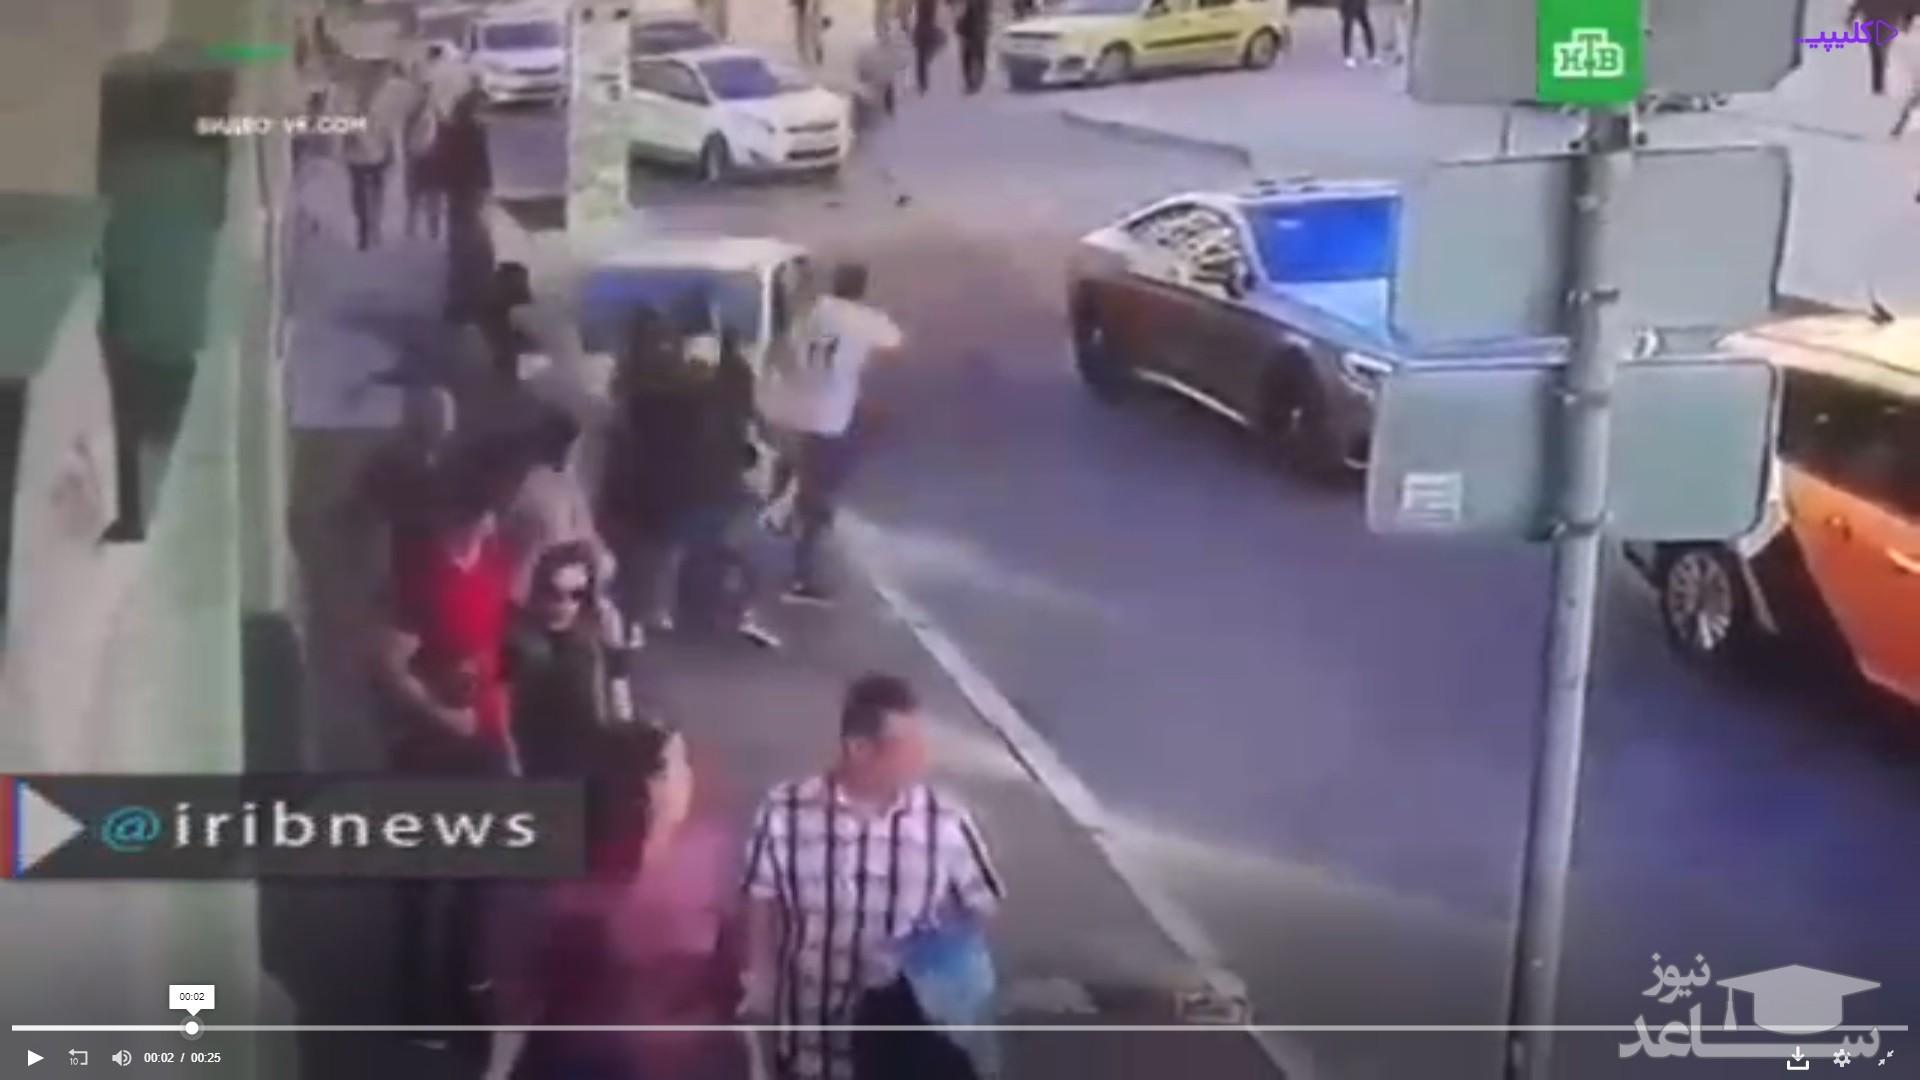 فیلم زیر گرفتن عابرین و هواداران تیم مکزیک در روسیه توسط تاکسی